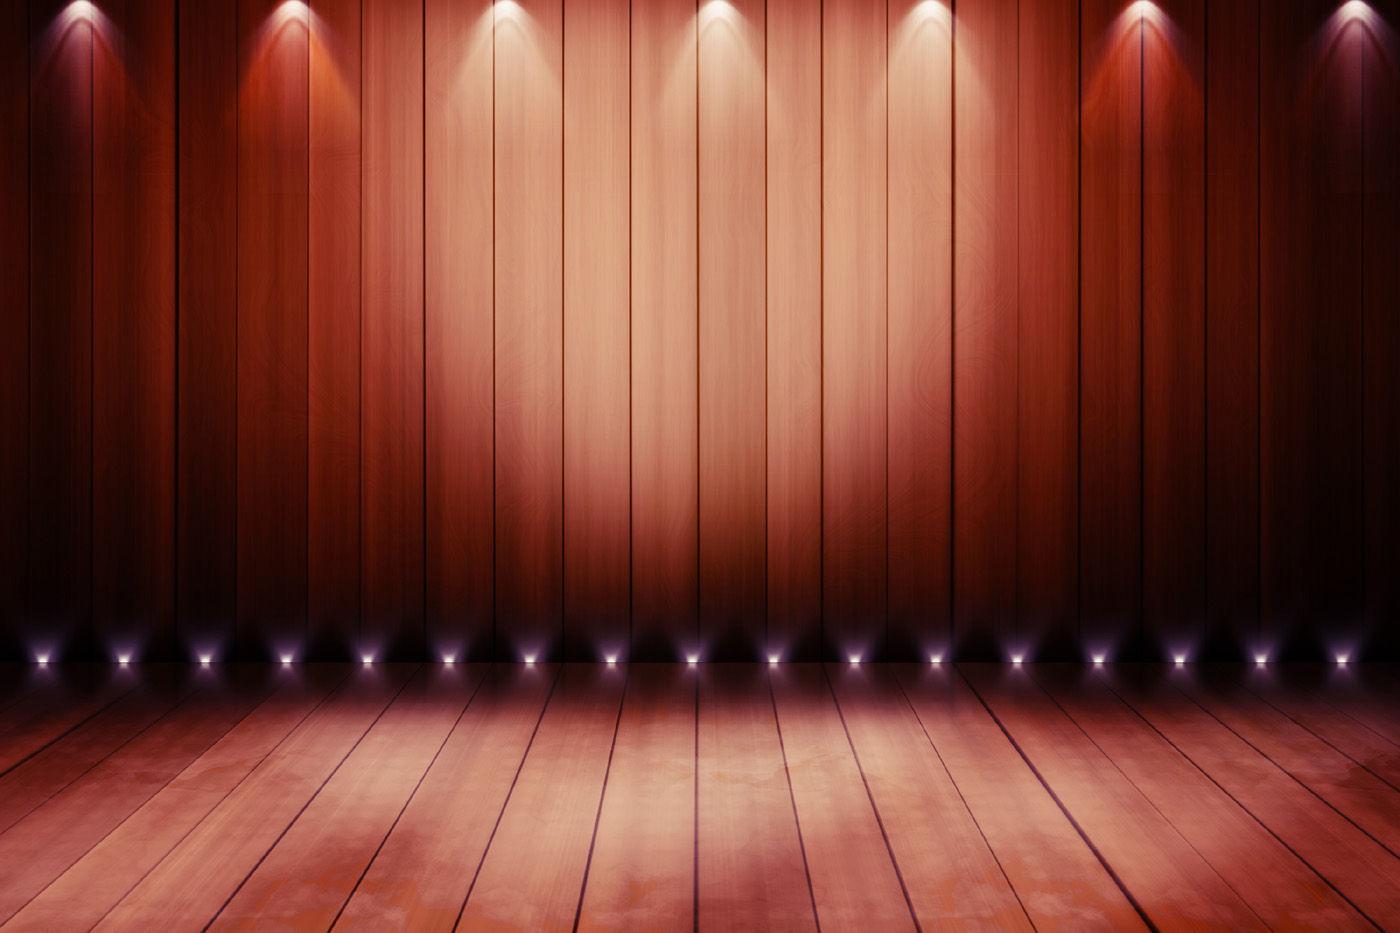 ¿Qué género se podría considerar ópera actual?